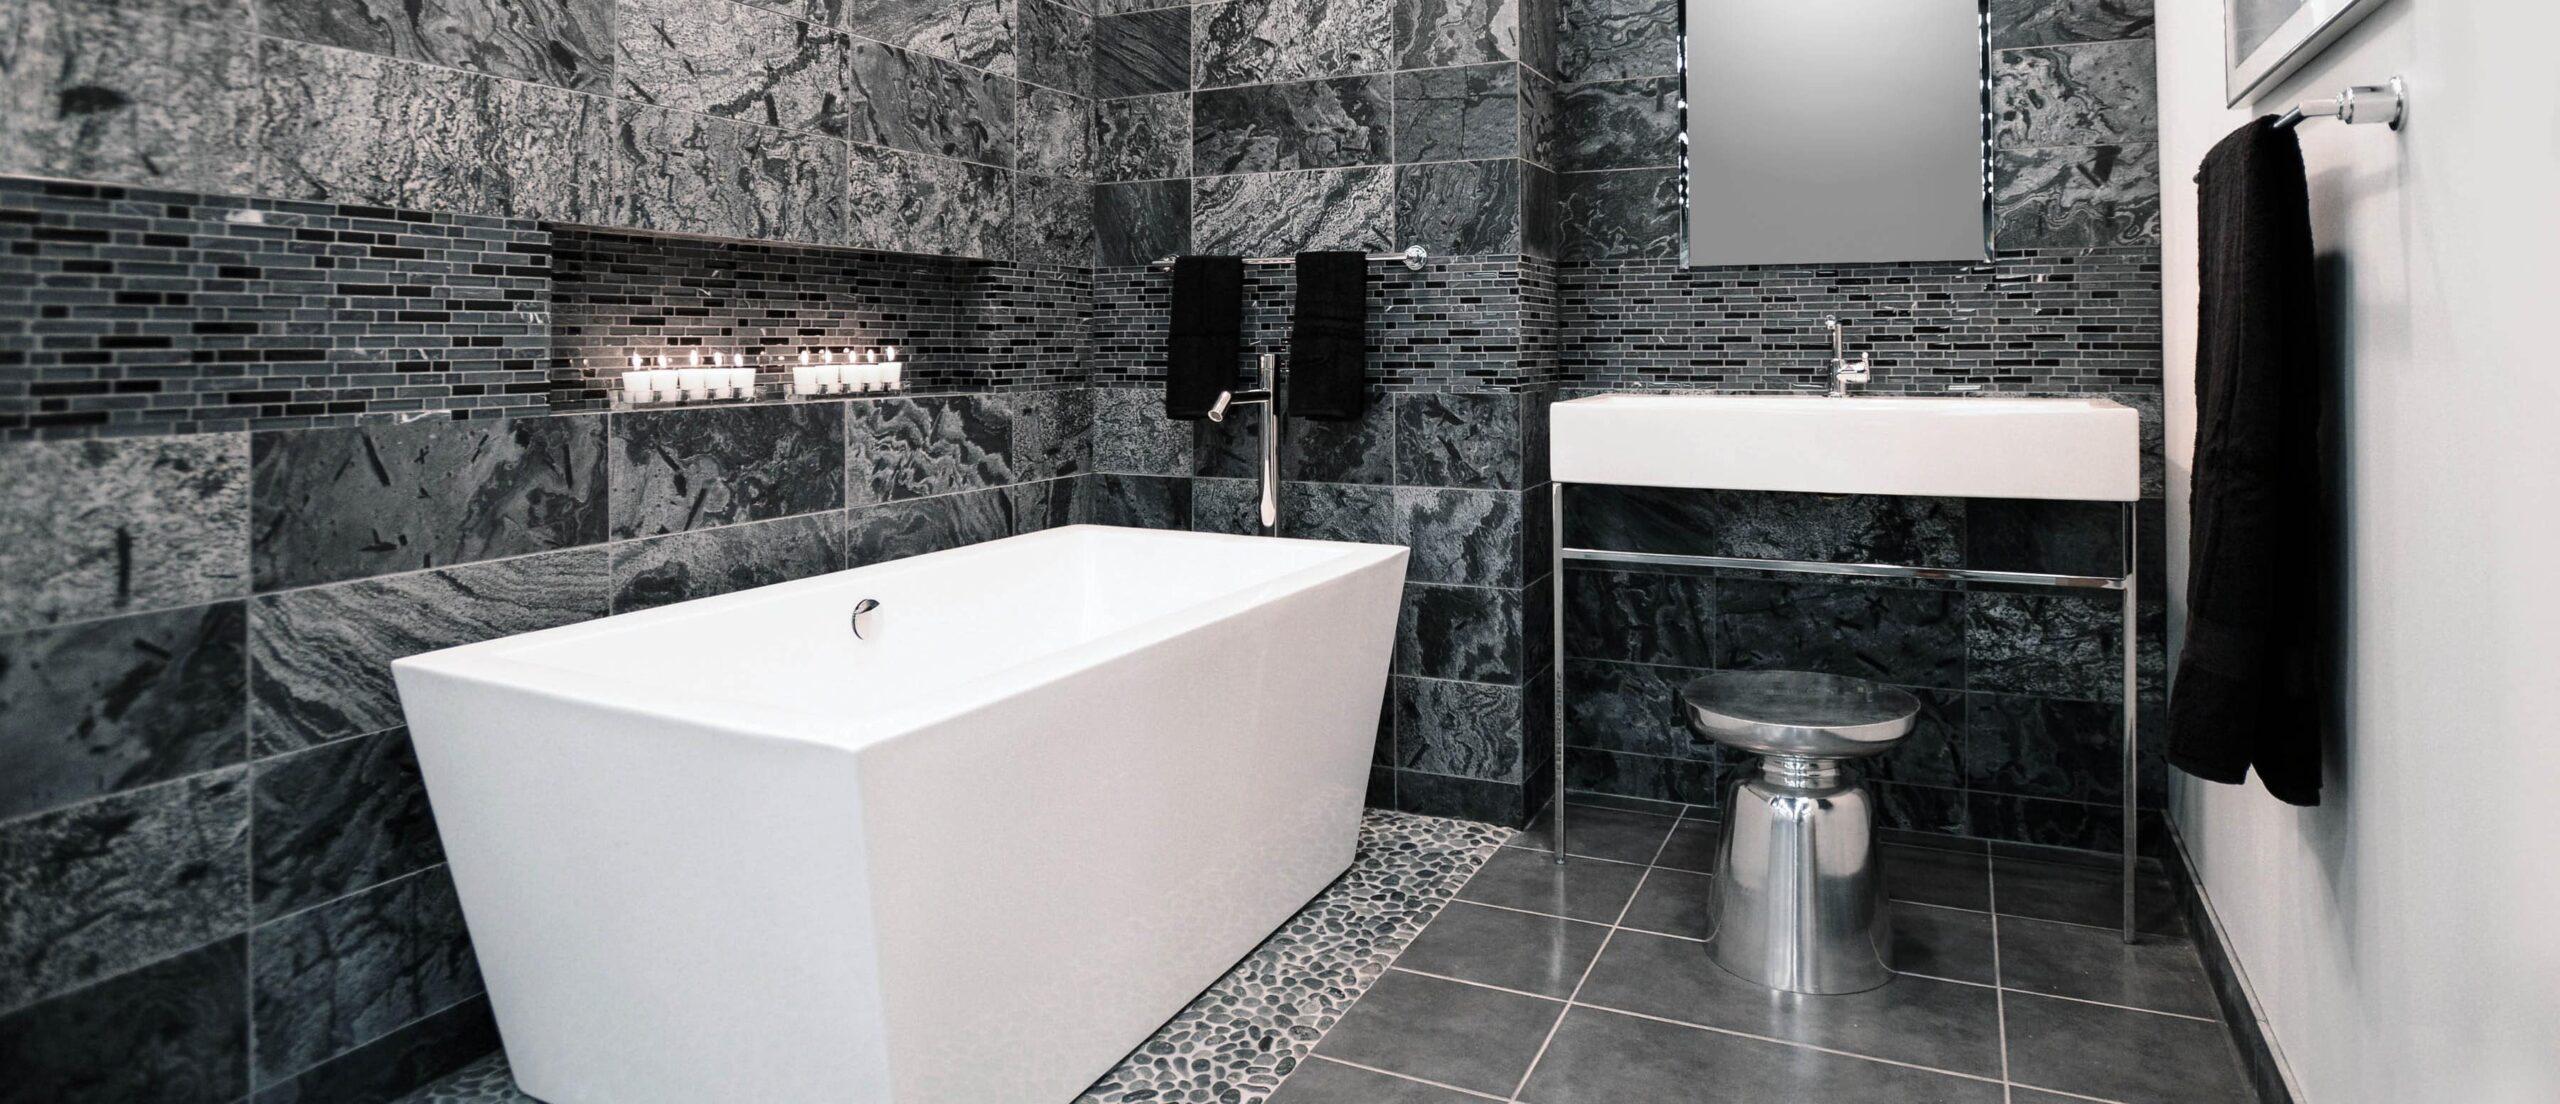 kopalnica-iz-naravnega-kamna-scaled